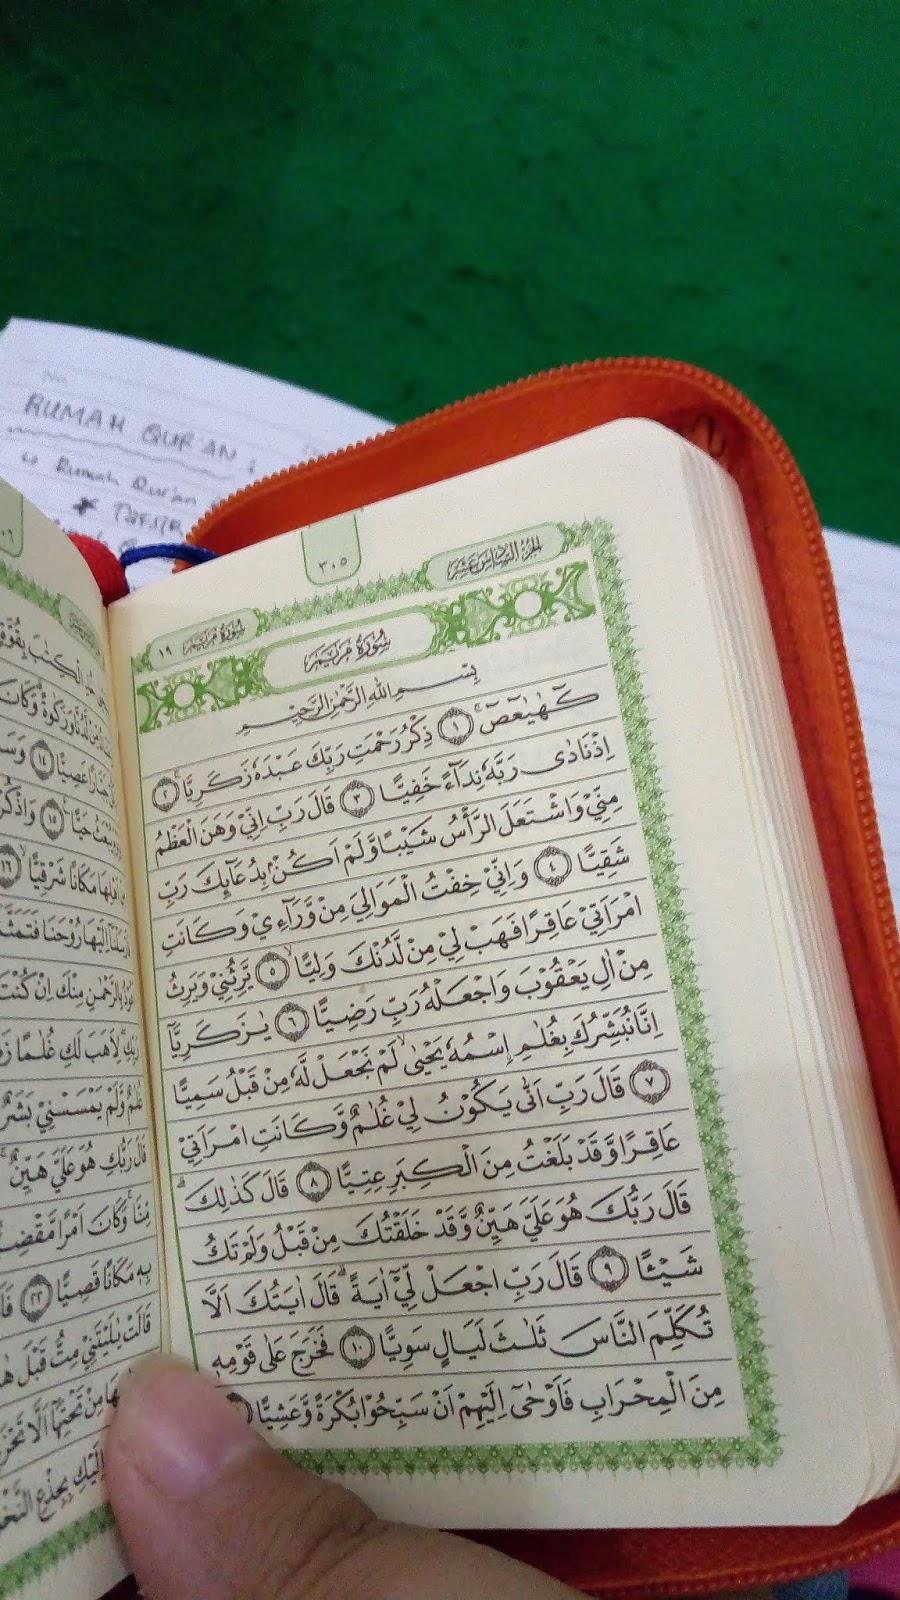 Celoteh Kiky Kajian Rumah Quran 2 Tafsir Surat Maryam